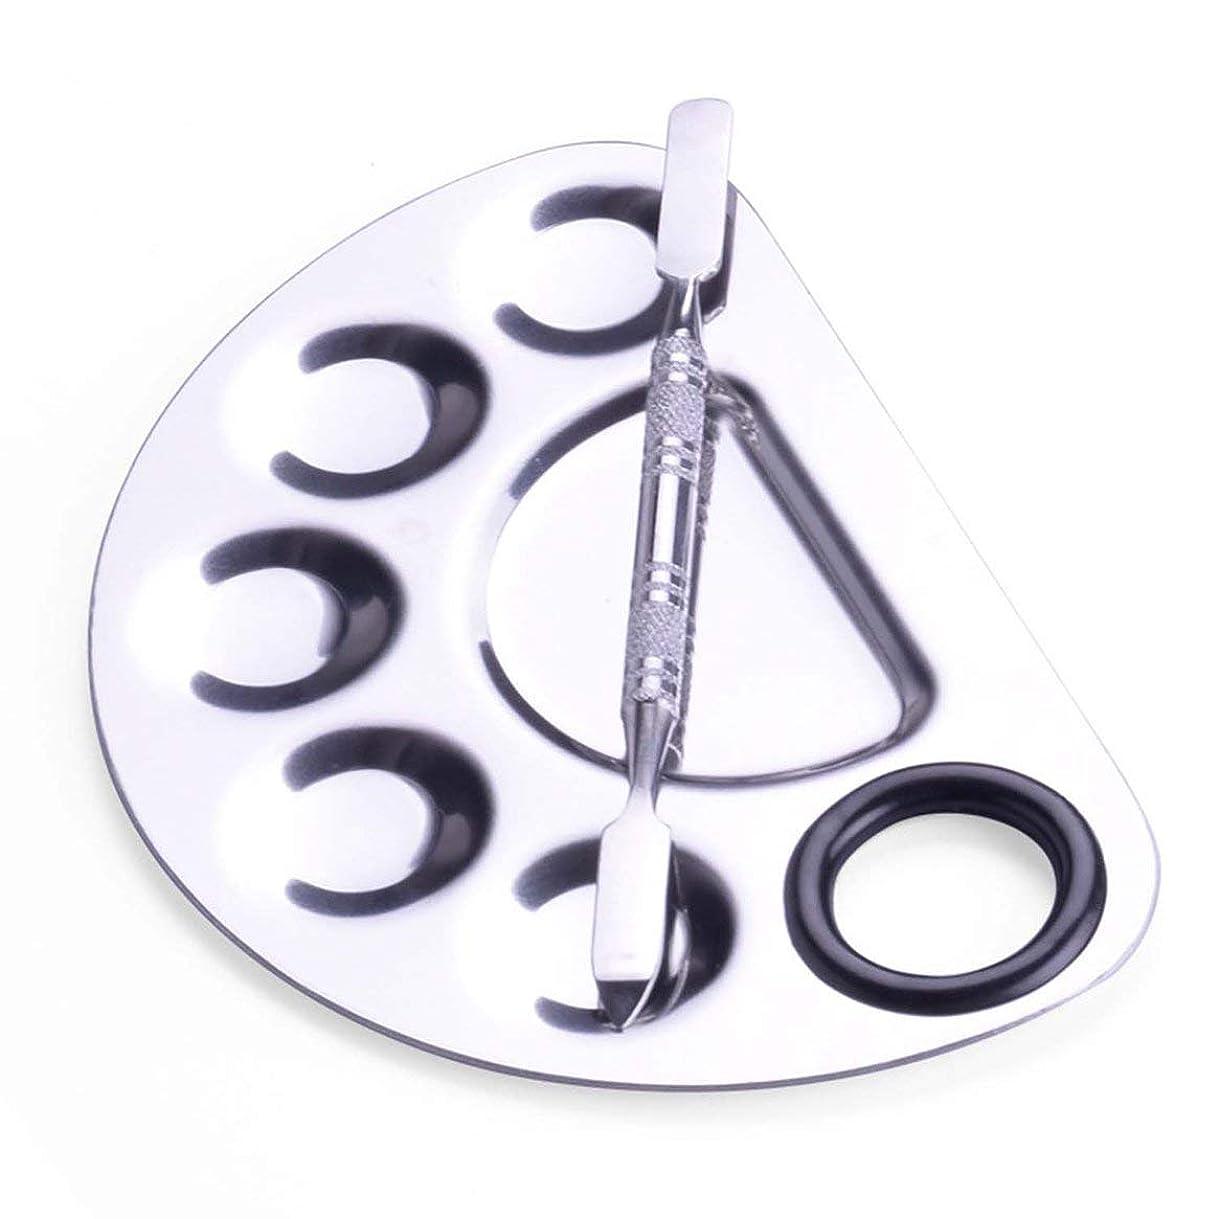 故障中興味プーノTinygrass メイクアップパレットヘラファッションステンレス鋼パレットメイクアップアーティストコスメティックファンデーションシェードキットをブレンドするためのツール(色:シルバー)